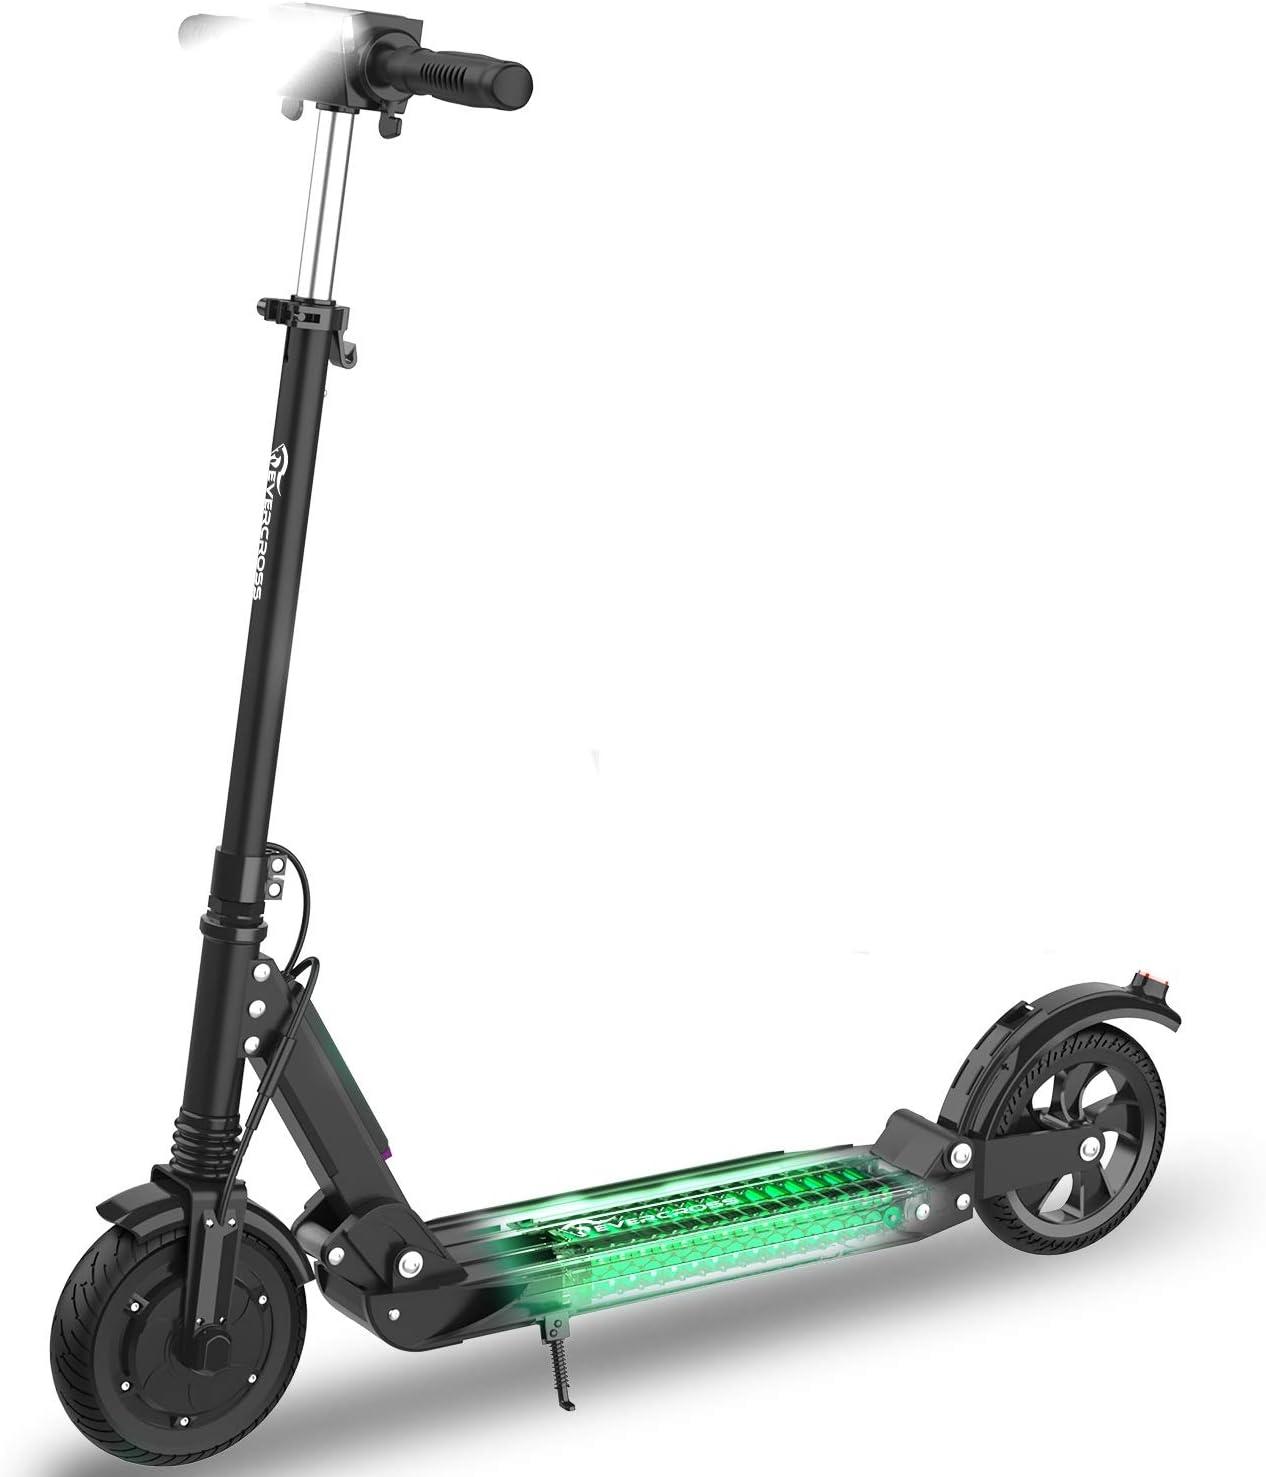 MARKBOARD Patinete Eléctrico con Alcance de 30 Km Scooter Eléctrico Plegable 350W Ajustable la Altura 3 Modos de Velocidad para Adolescentes y Adultos